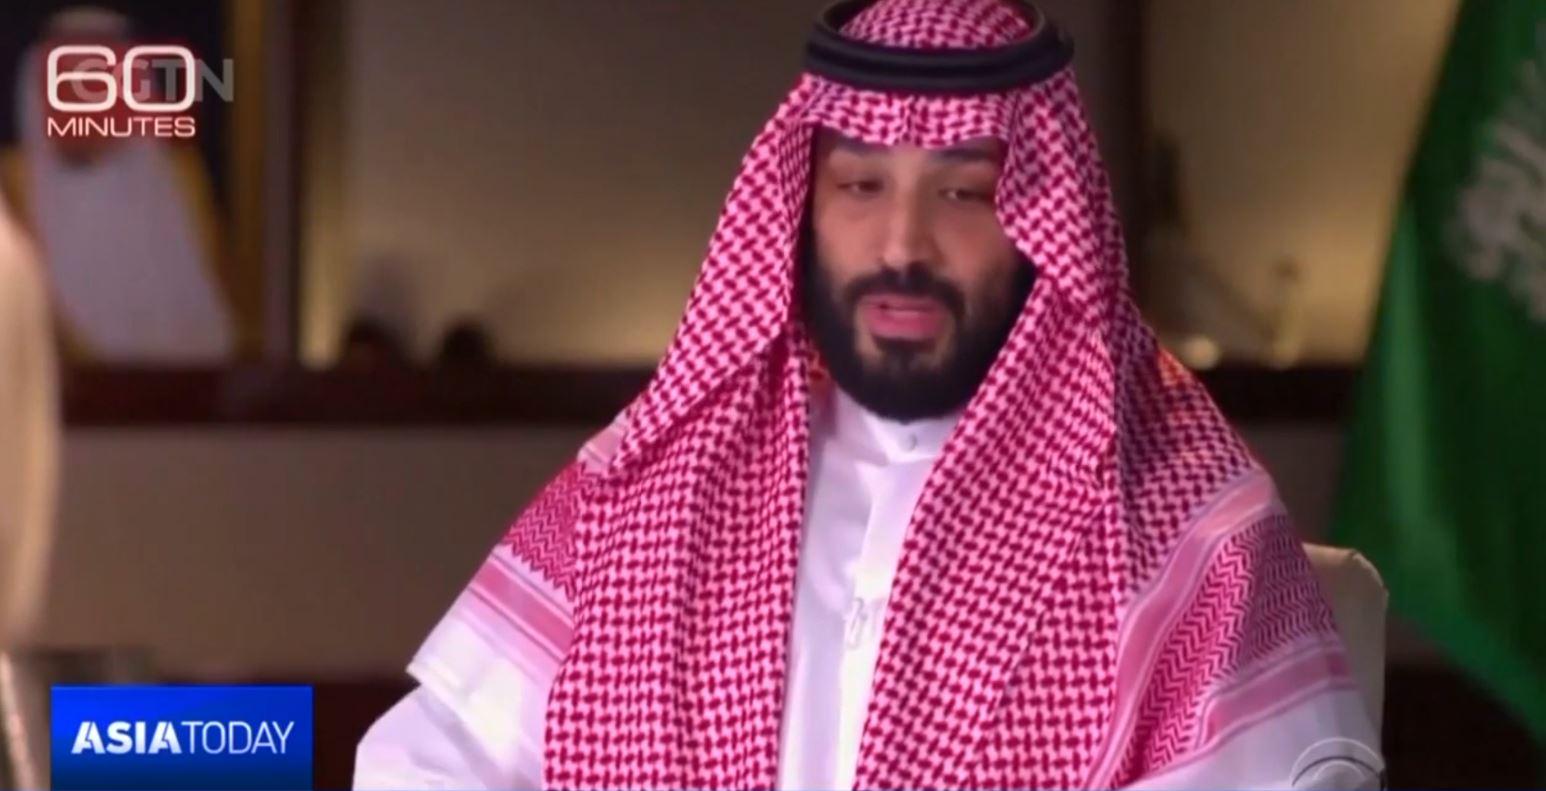 Apeli i princit saudit: Ndaloni Iranin që të shpëtoni naftën!